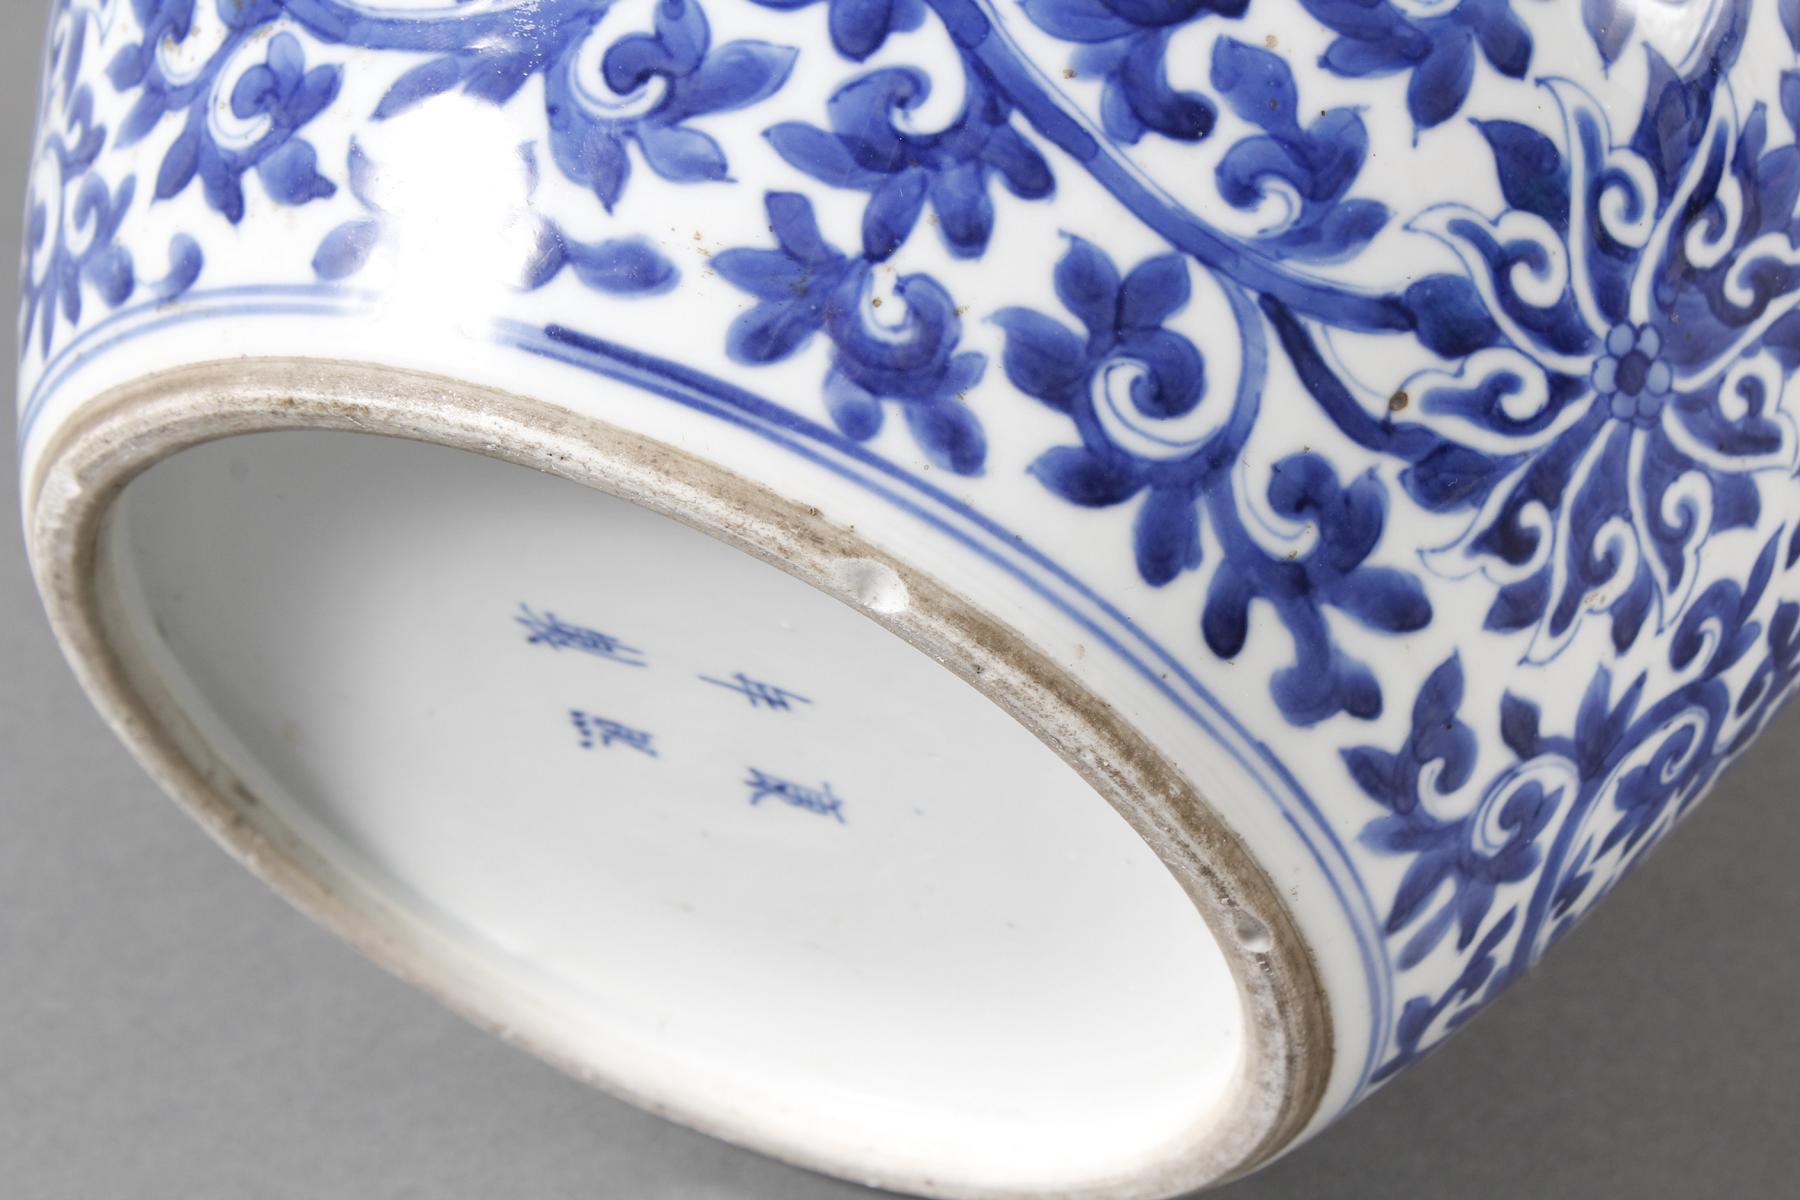 Blau-weiß Vase mit Deckel, Porzellan, China, Kang-hsi (1662-1722) Marke und Periode-8